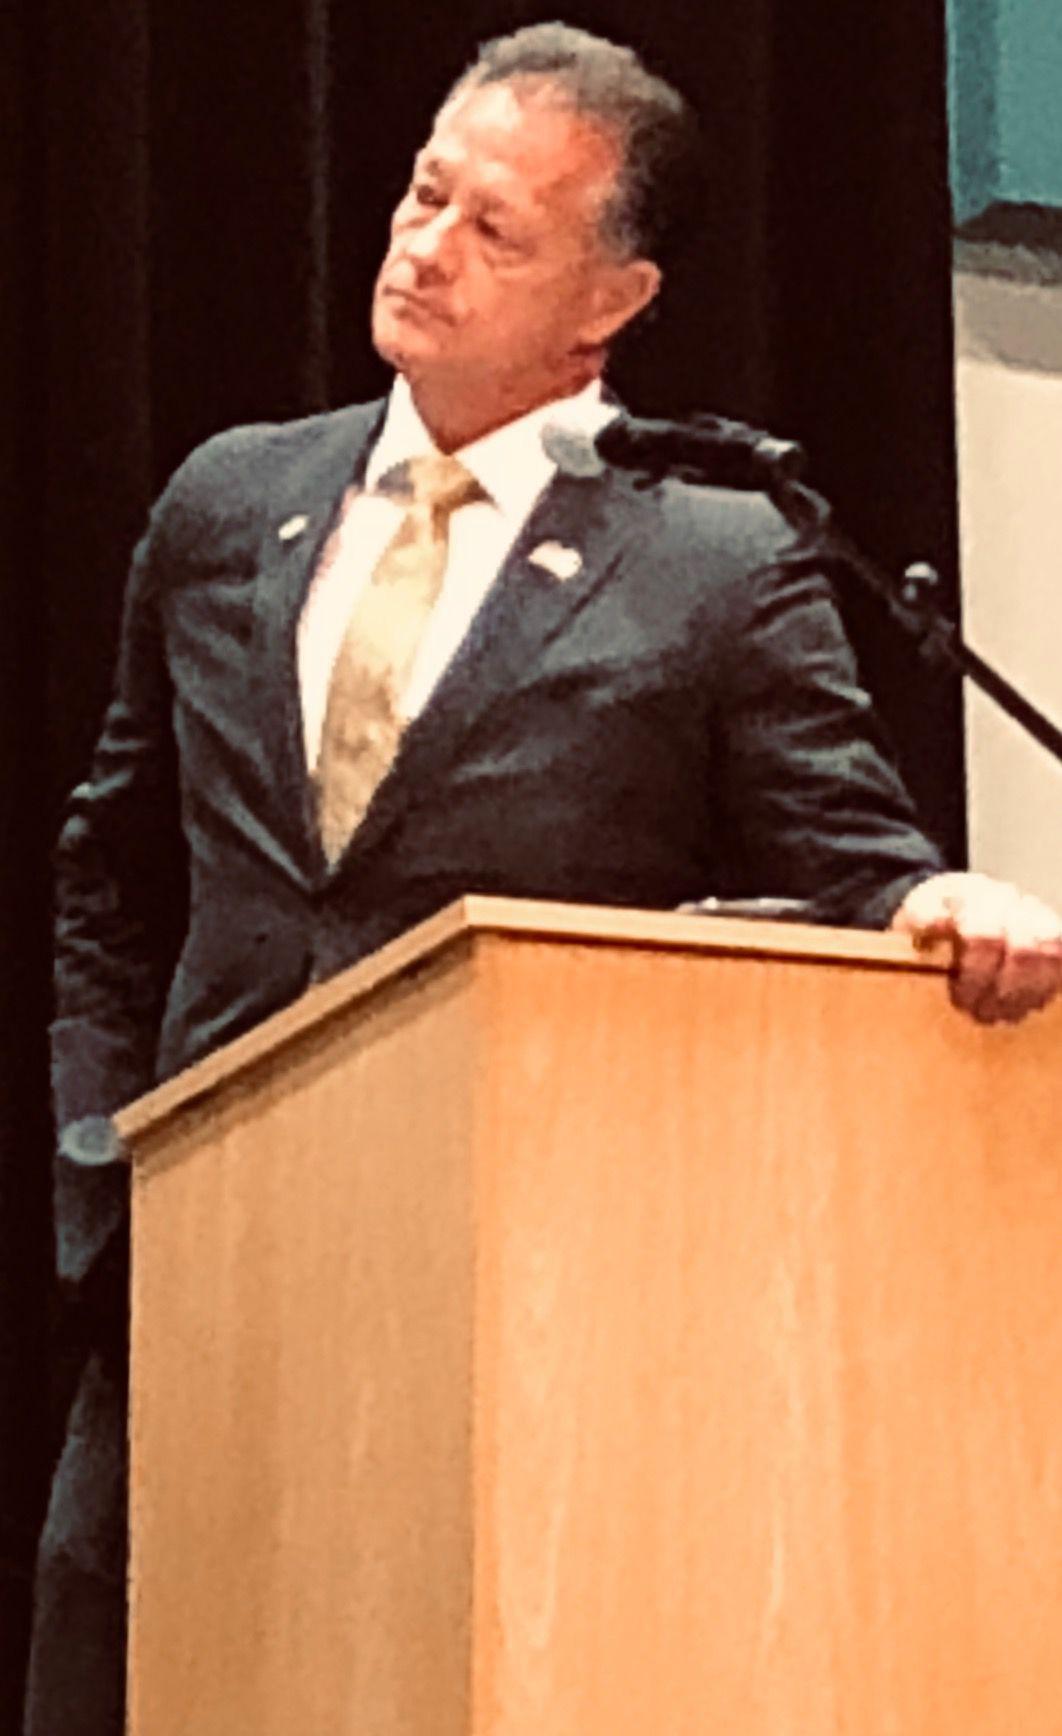 Commissioner Truex